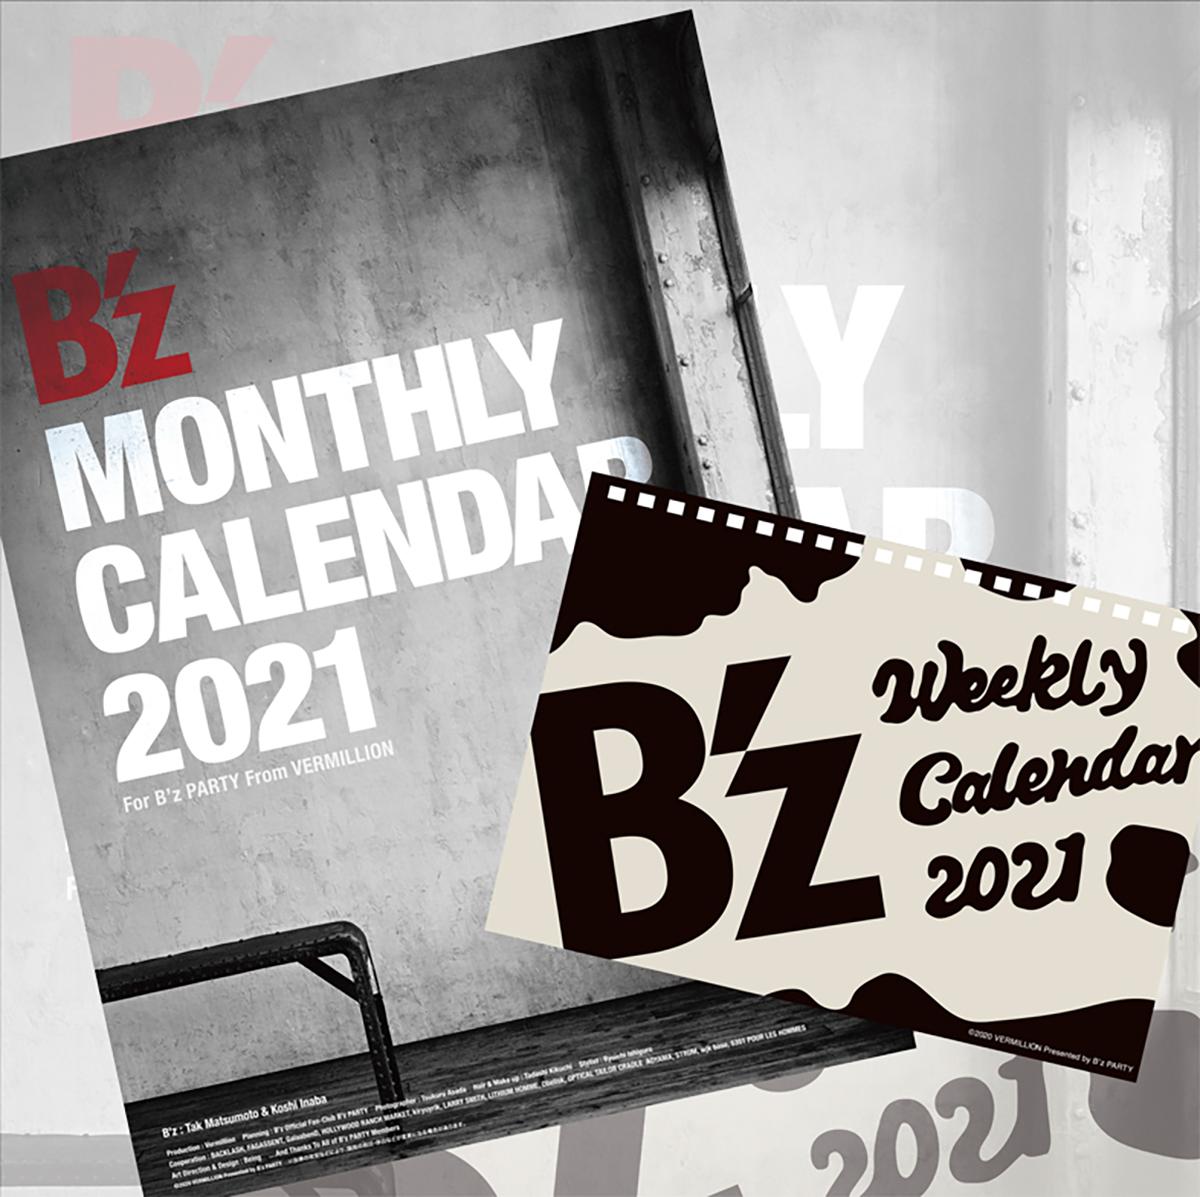 B'z公式SNSで公開された「B'zカレンダー2021」表紙イメージ